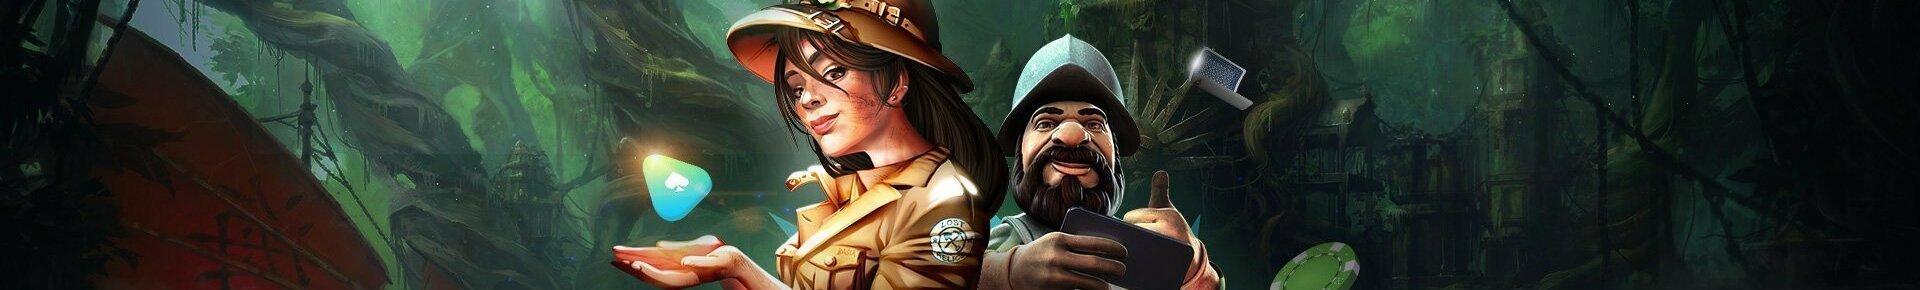 Spela casino review UK